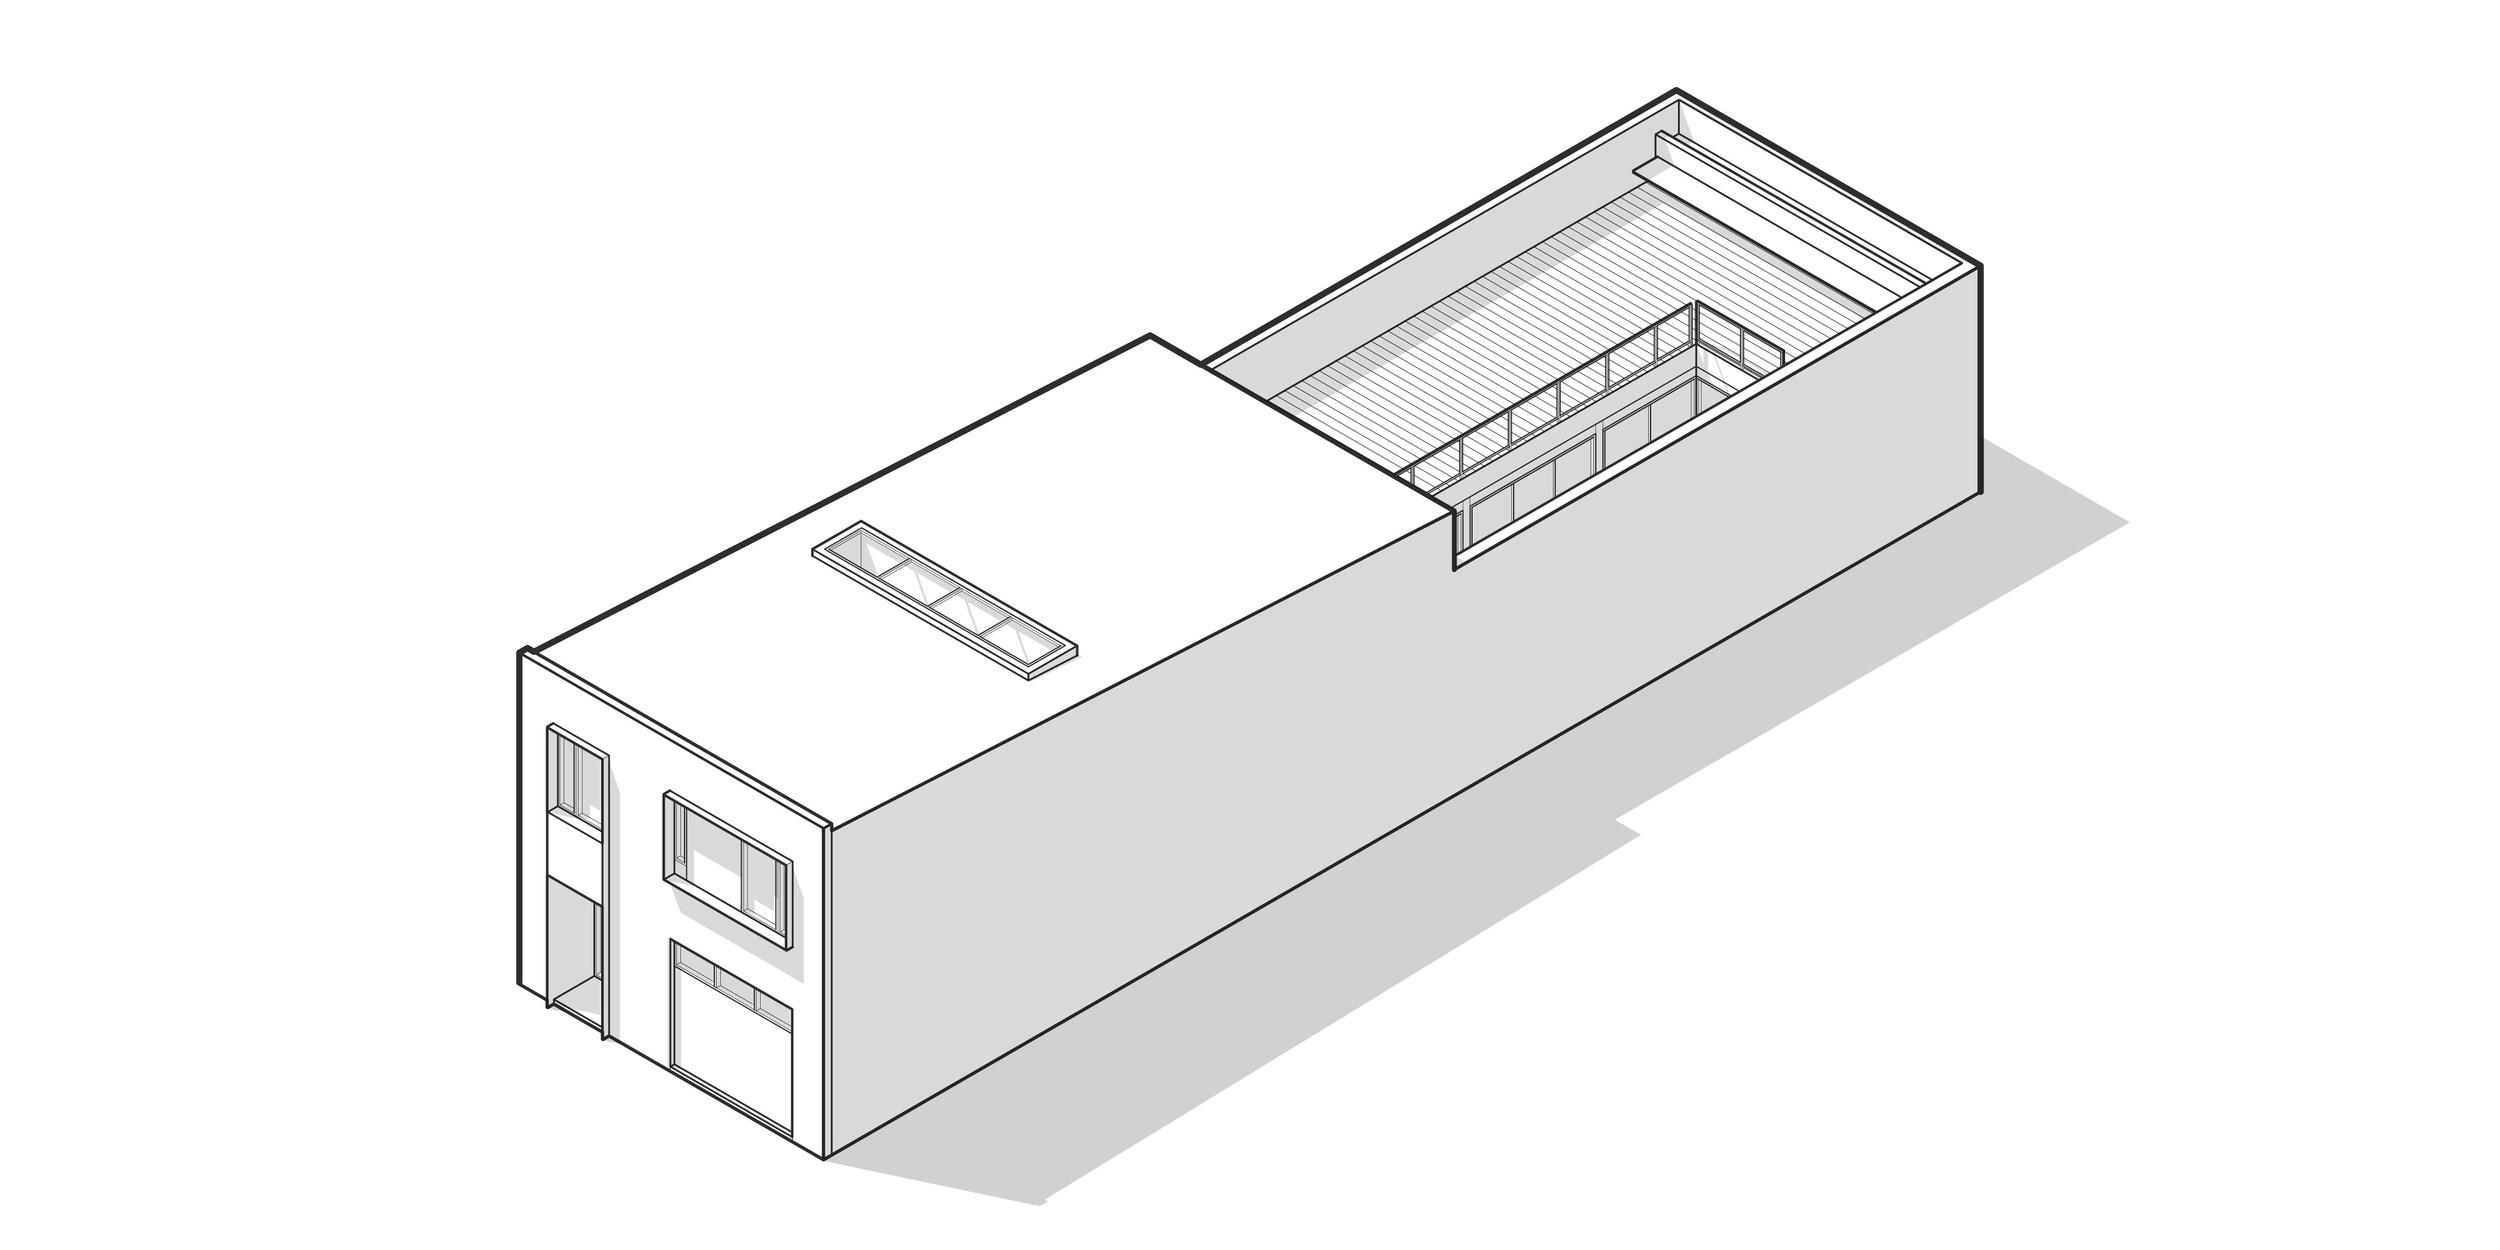 307_3rd-SD-160413-Diagram-11-01.jpg